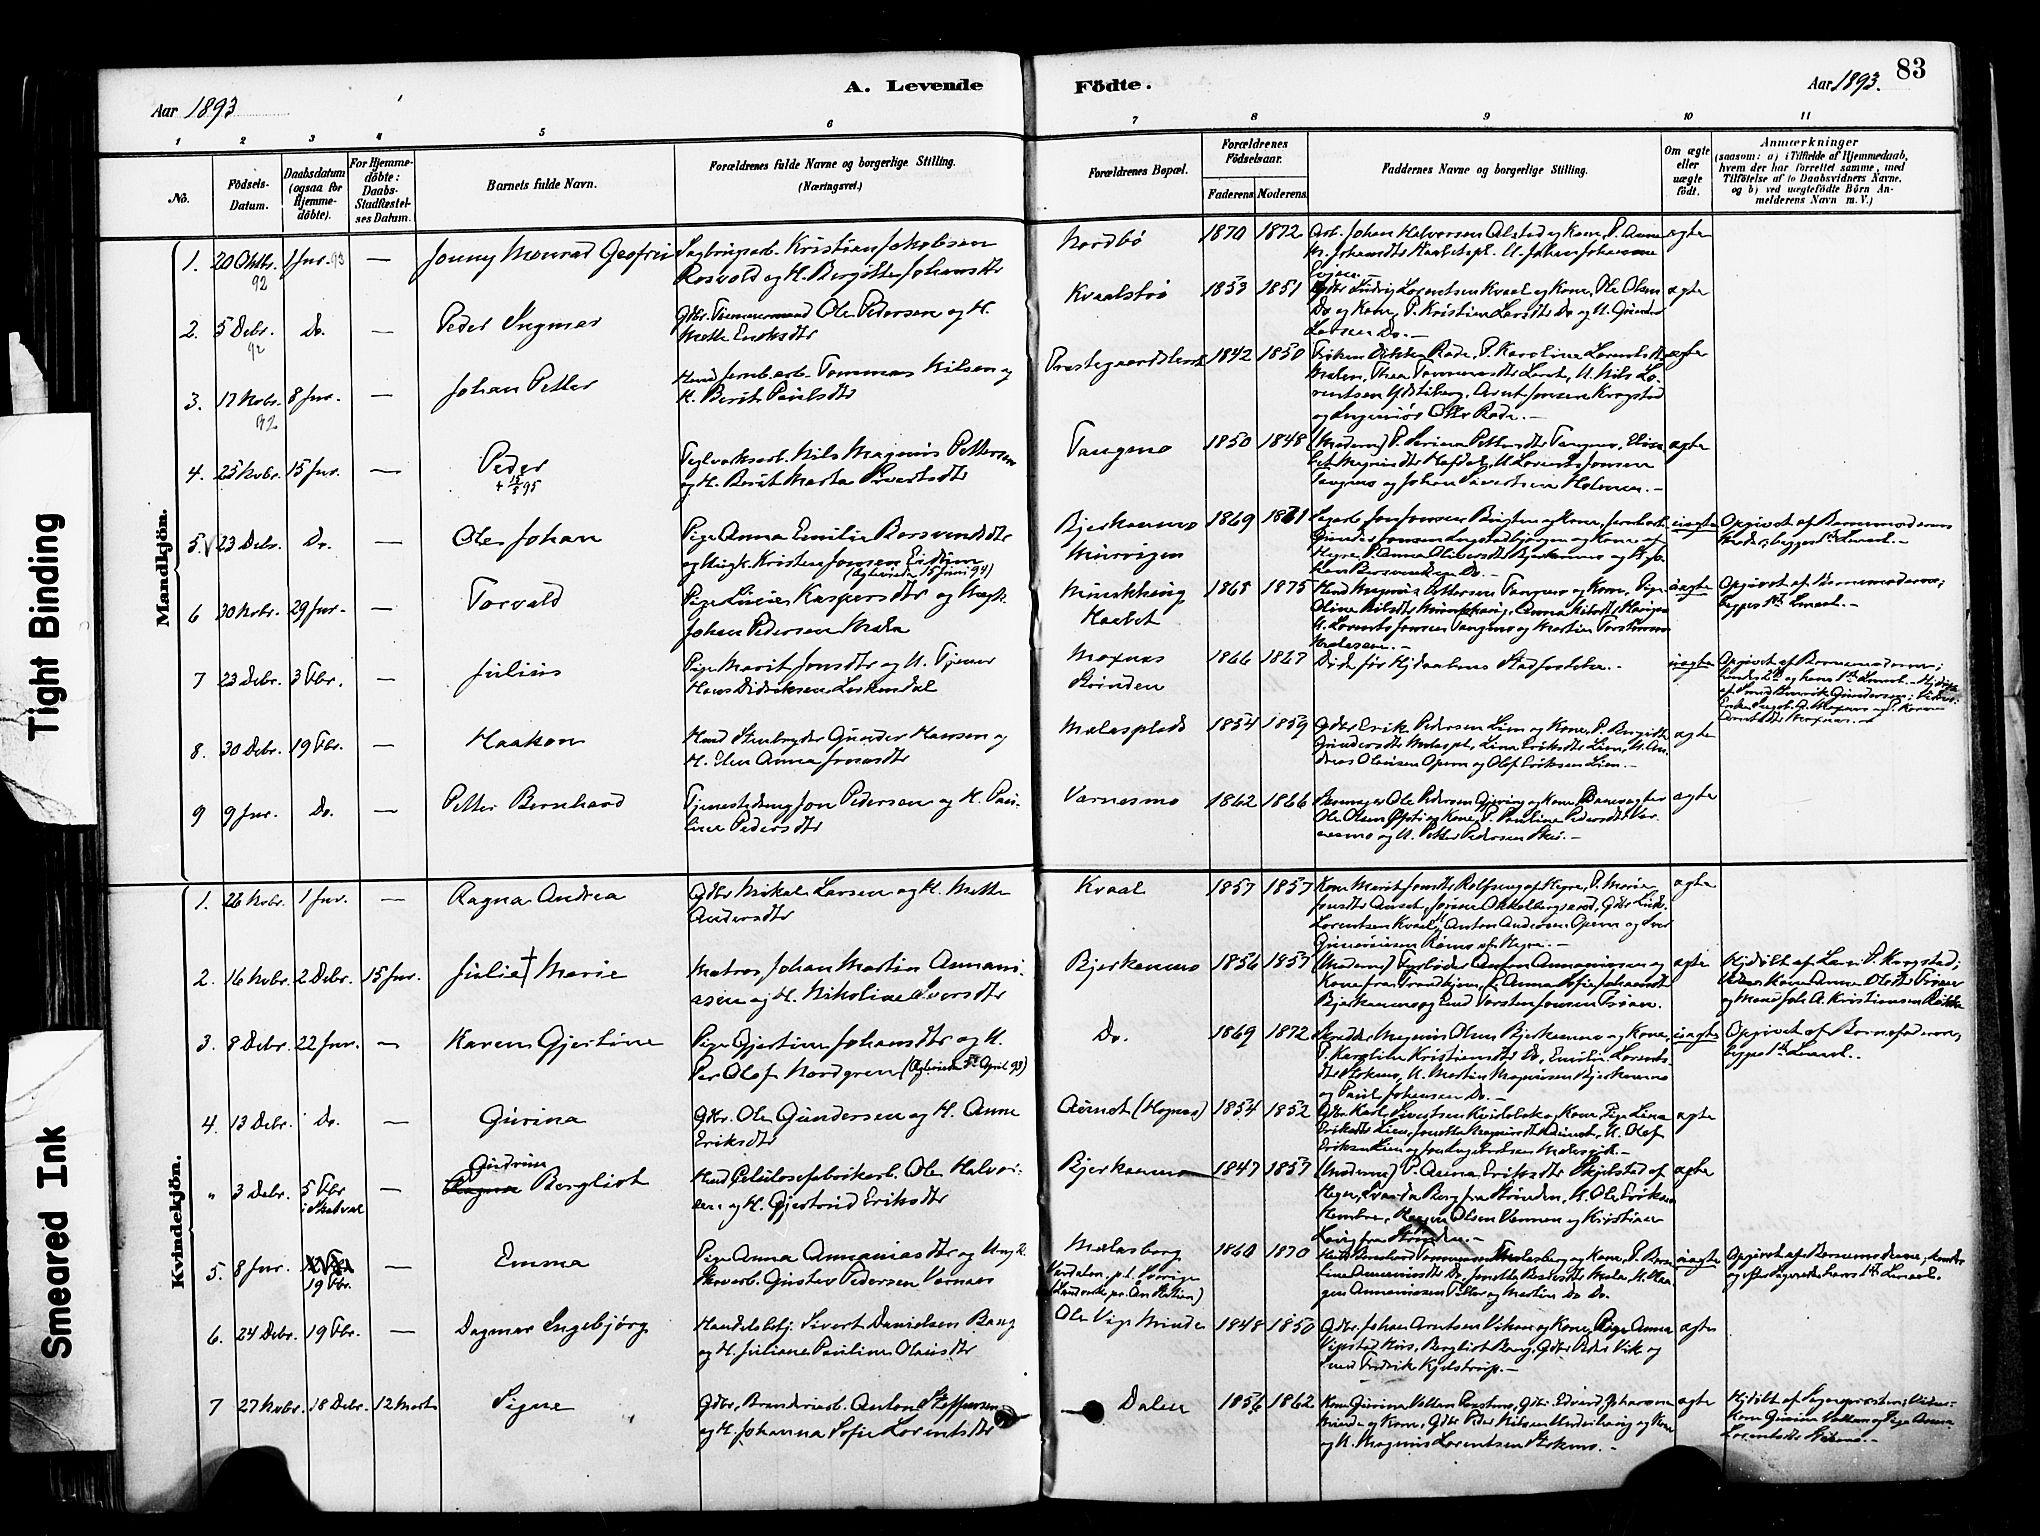 SAT, Ministerialprotokoller, klokkerbøker og fødselsregistre - Nord-Trøndelag, 709/L0077: Ministerialbok nr. 709A17, 1880-1895, s. 83